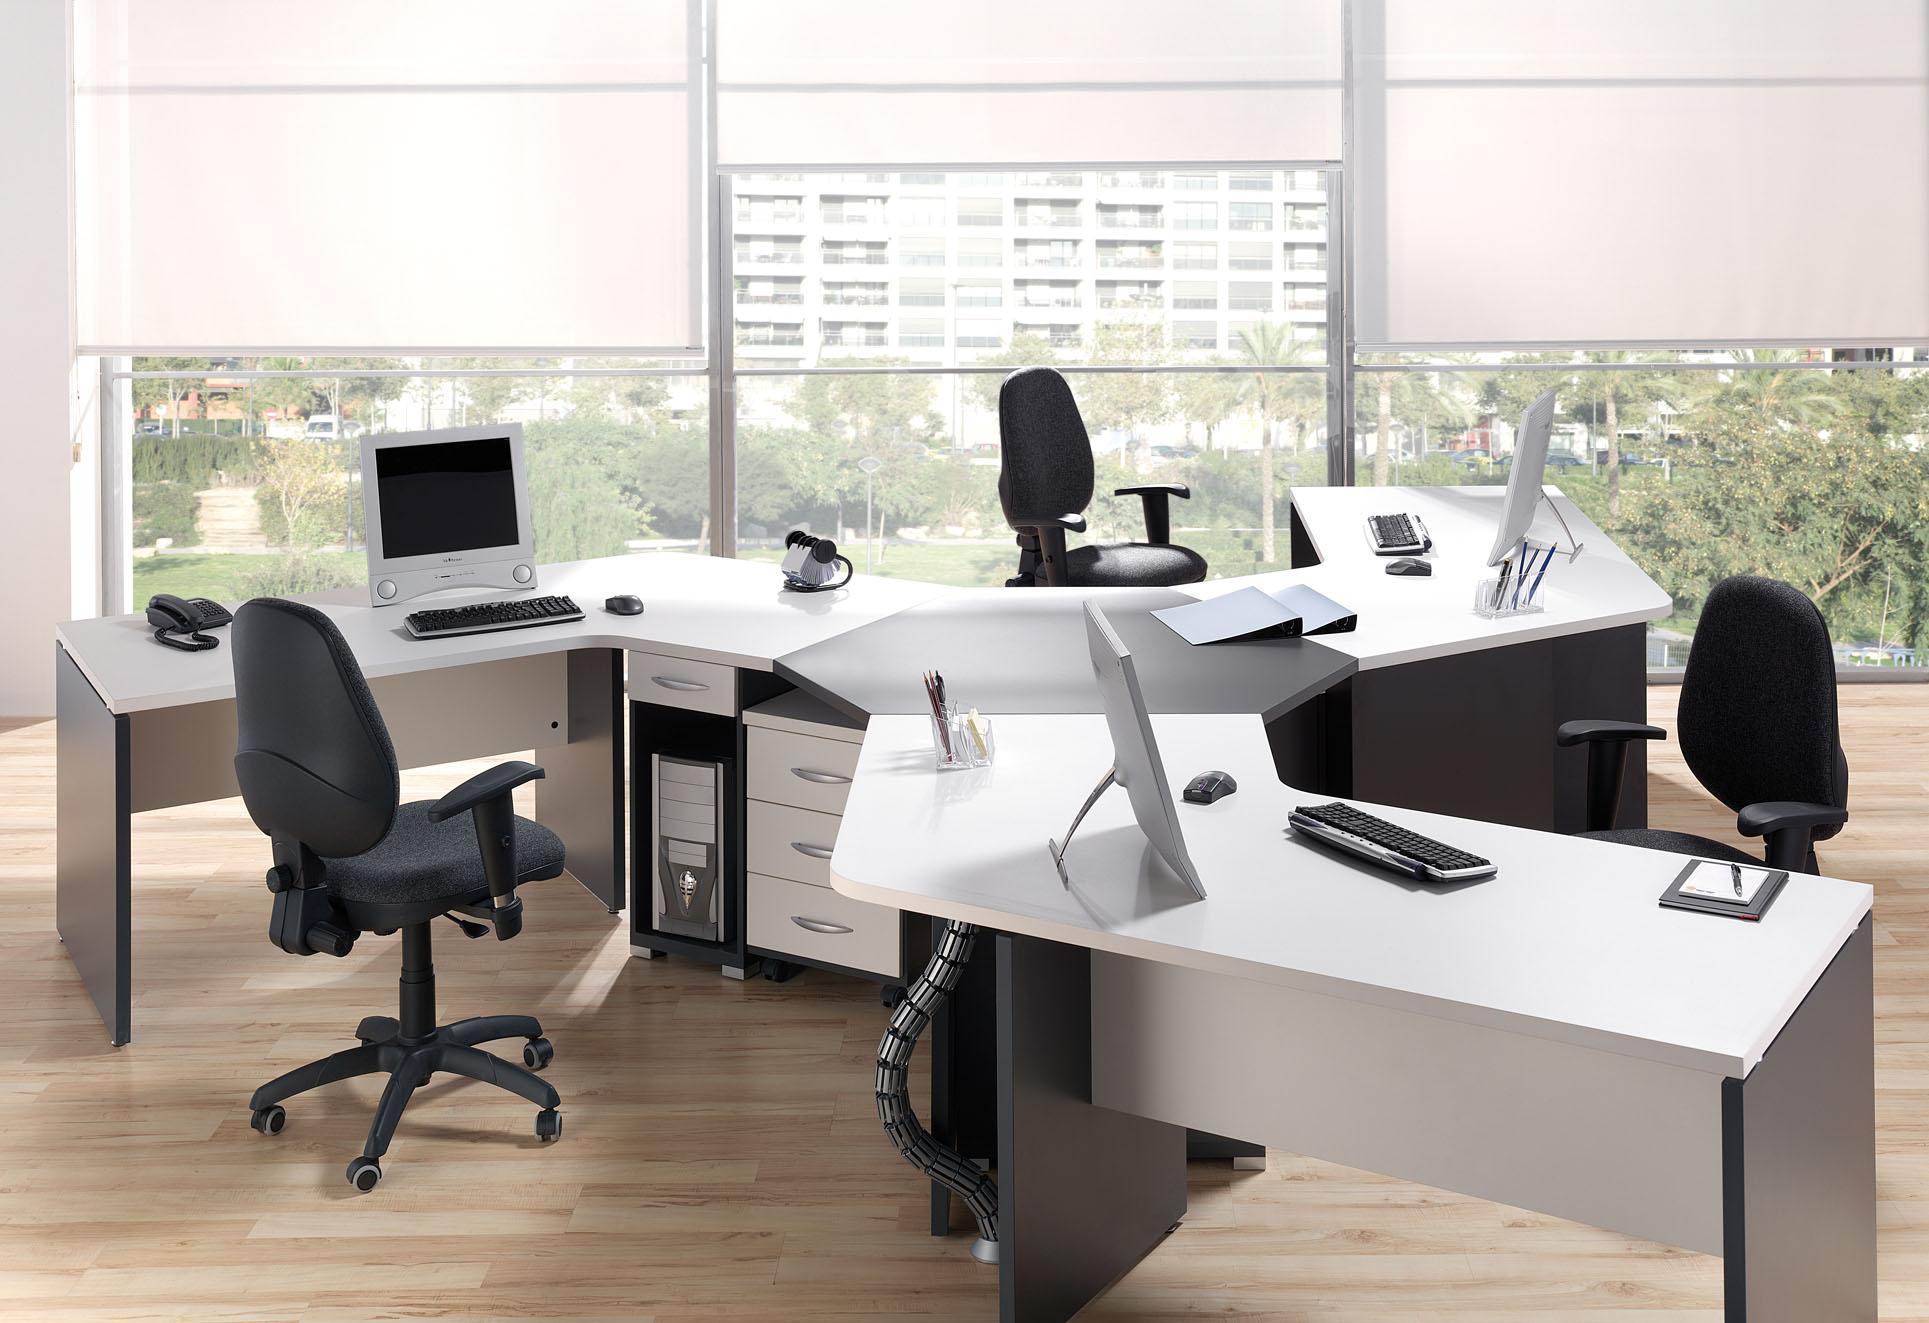 Mudanzas de oficinas for Unas para oficina